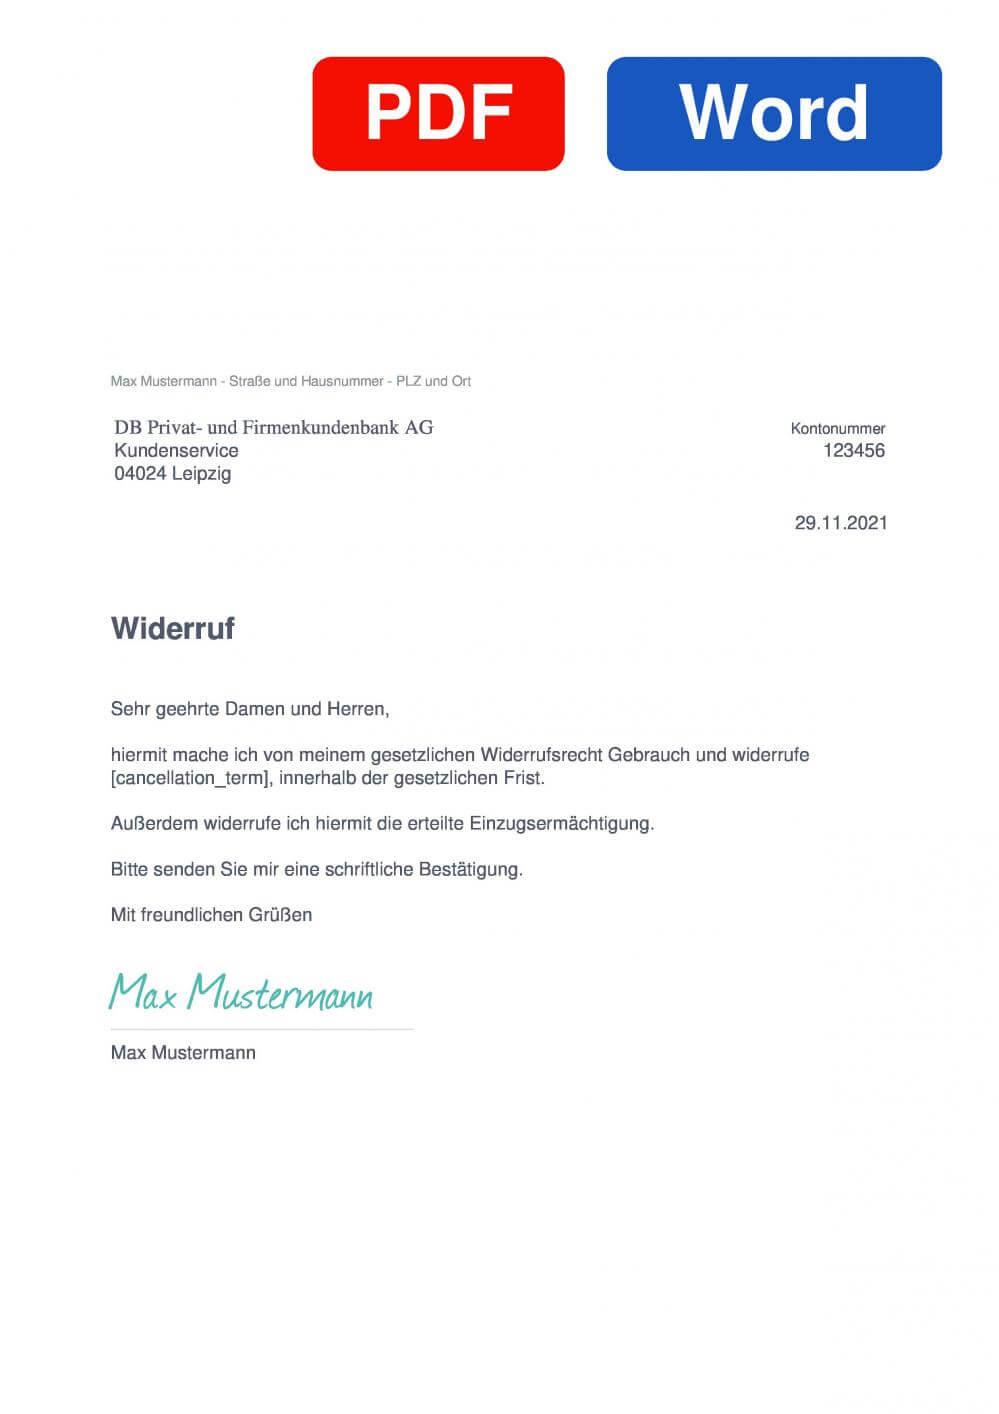 Deutsche Bank Muster Vorlage für Wiederrufsschreiben